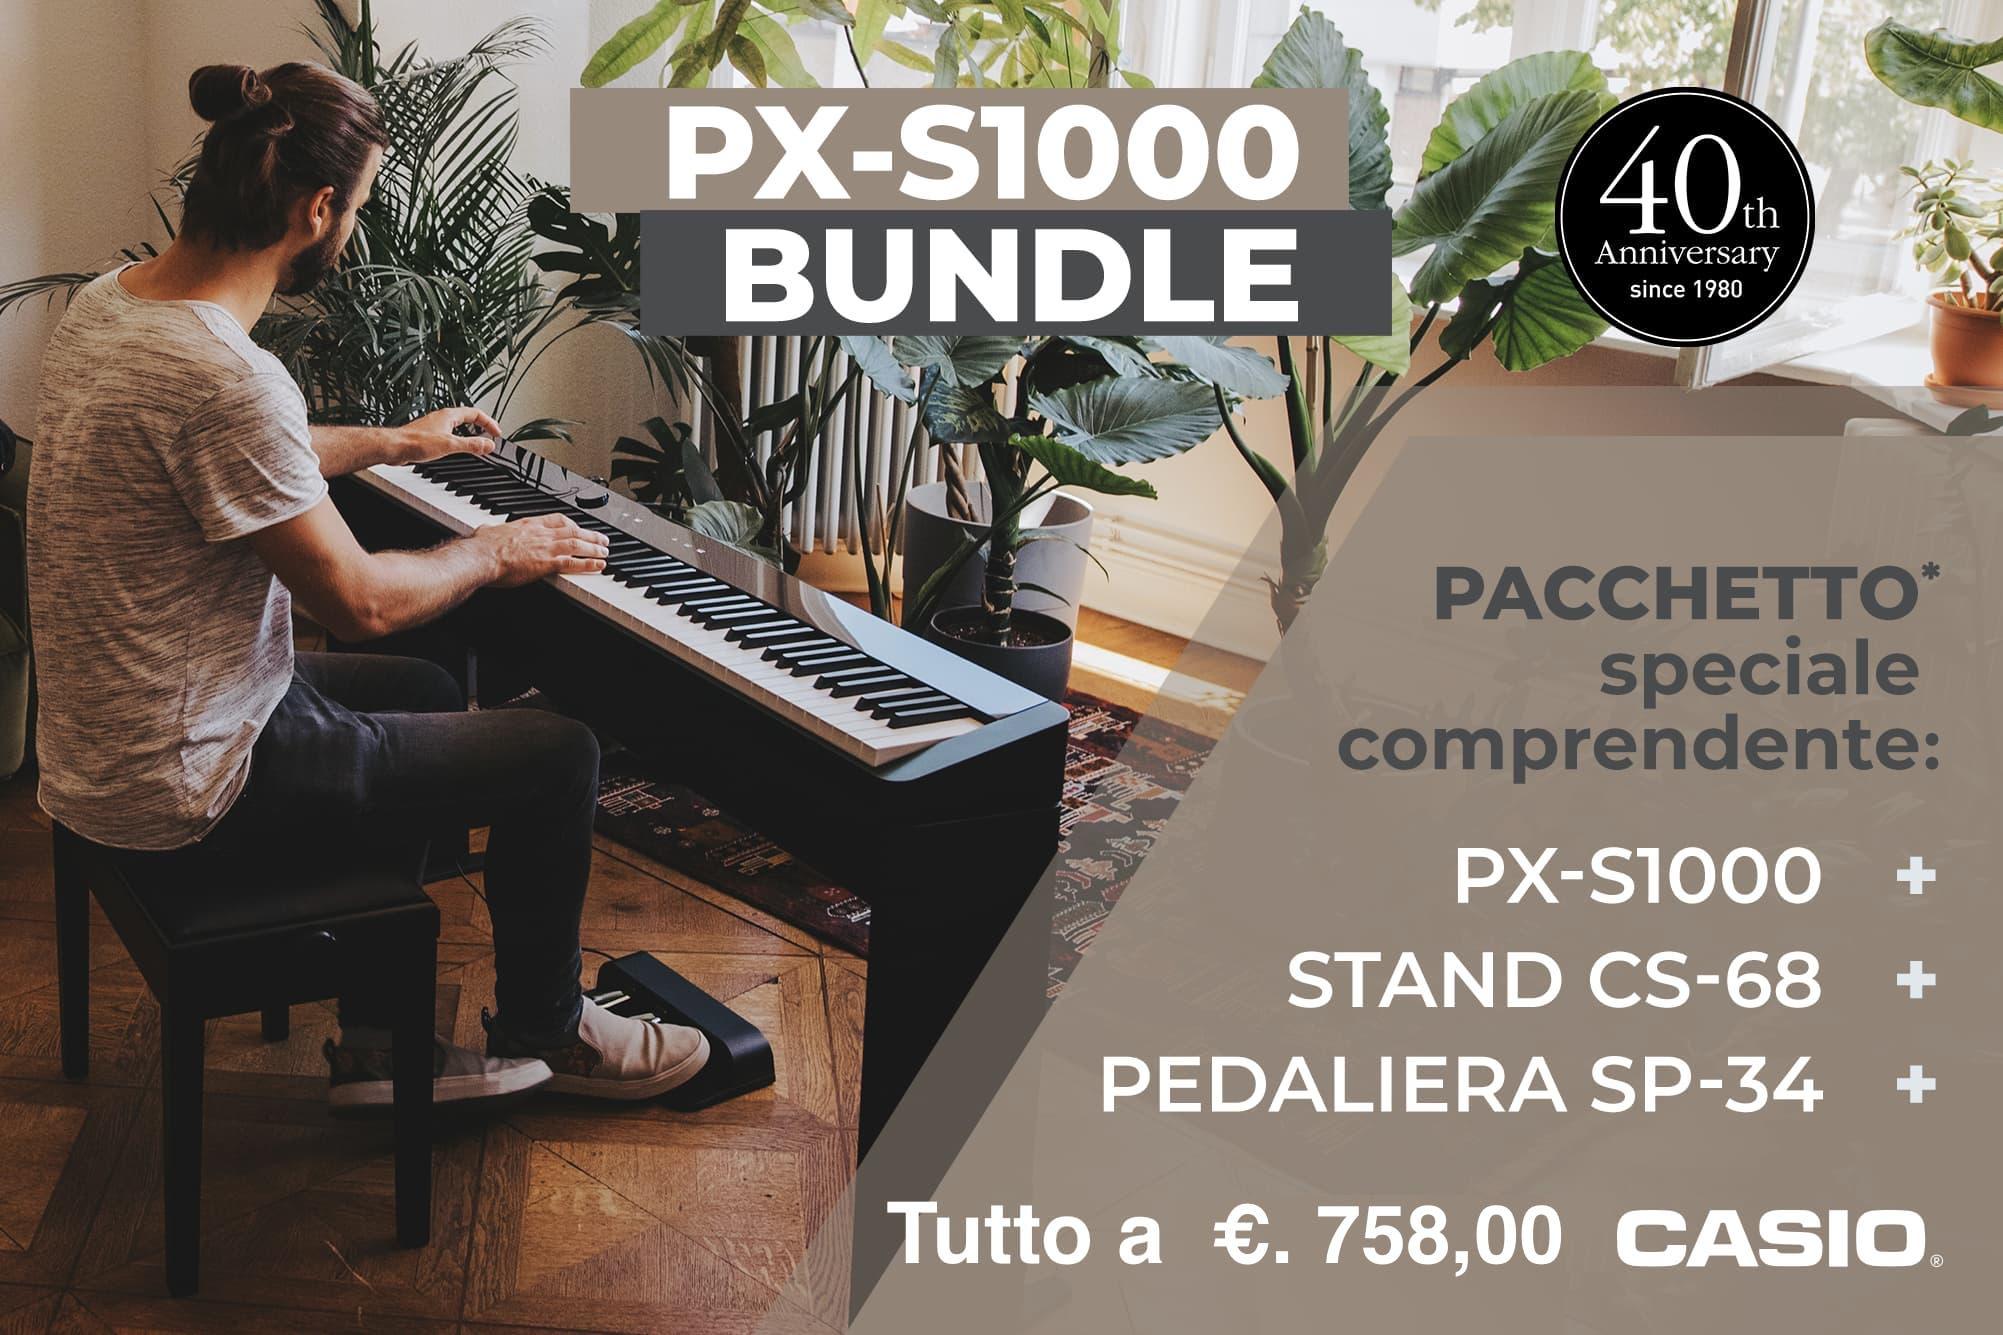 Promo pxs1000 bundle